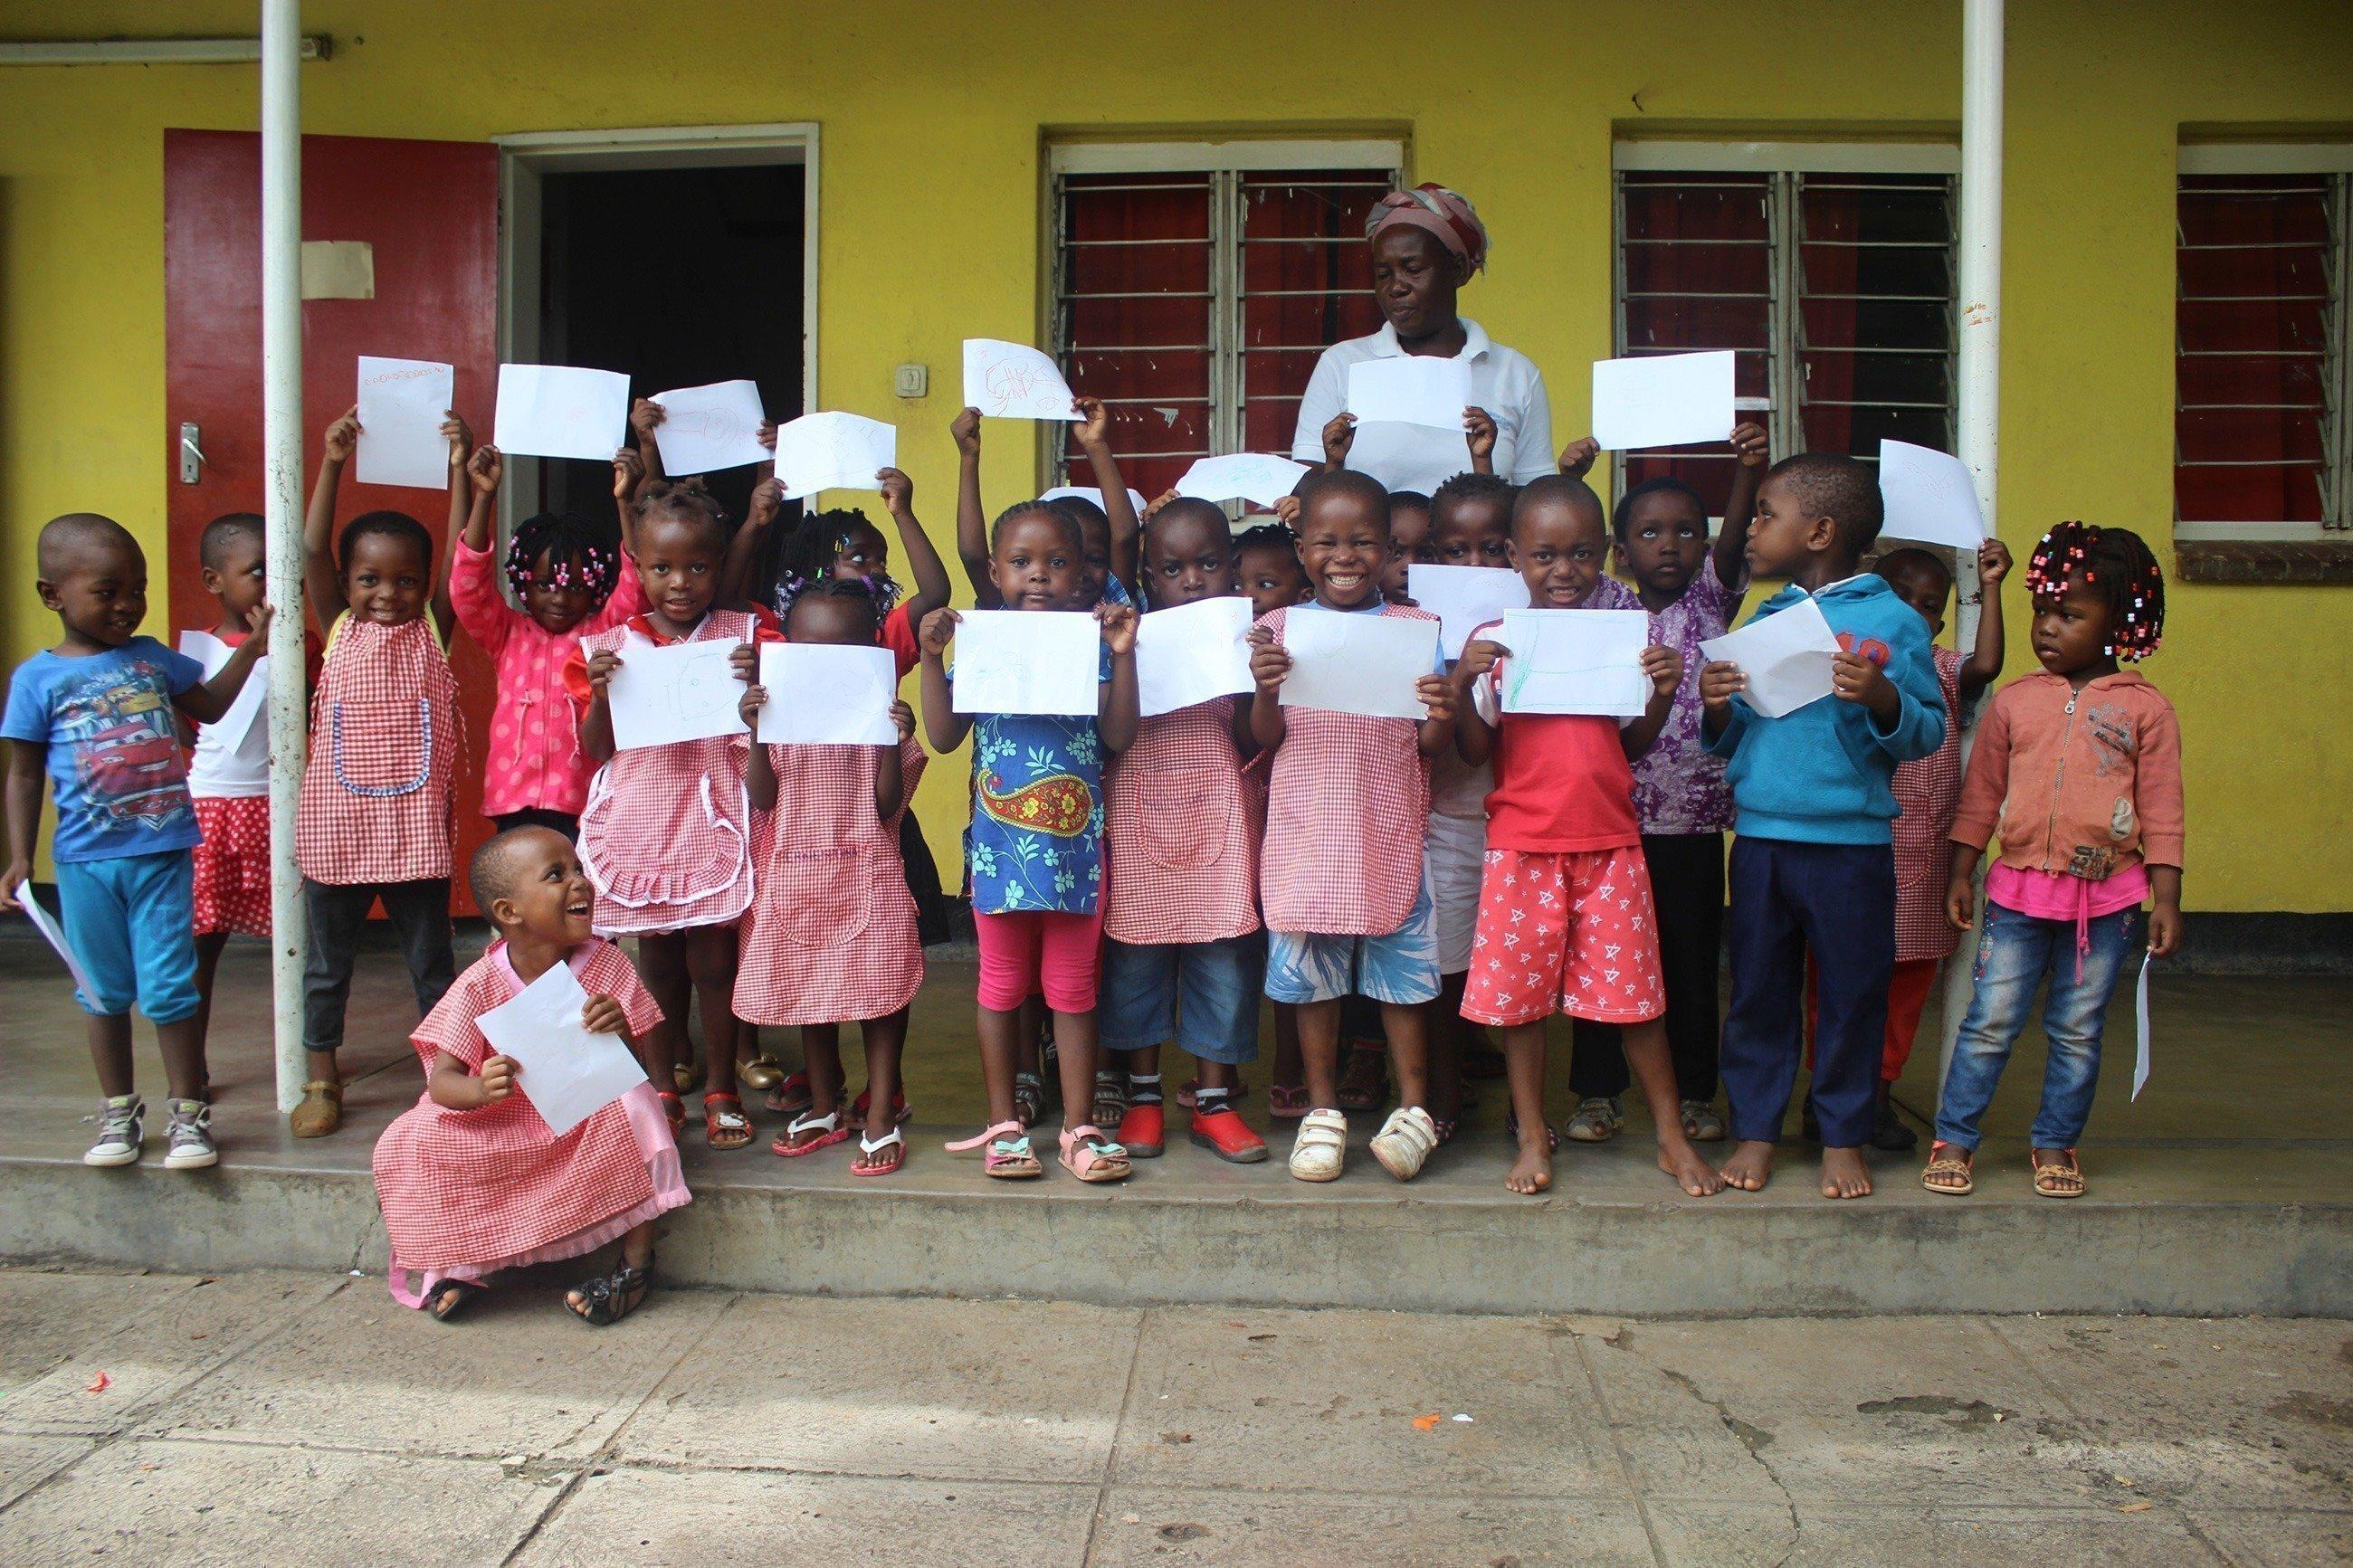 Eine Gruppe von Kindern steht mit Bildern in der Hand vor einem Haus.